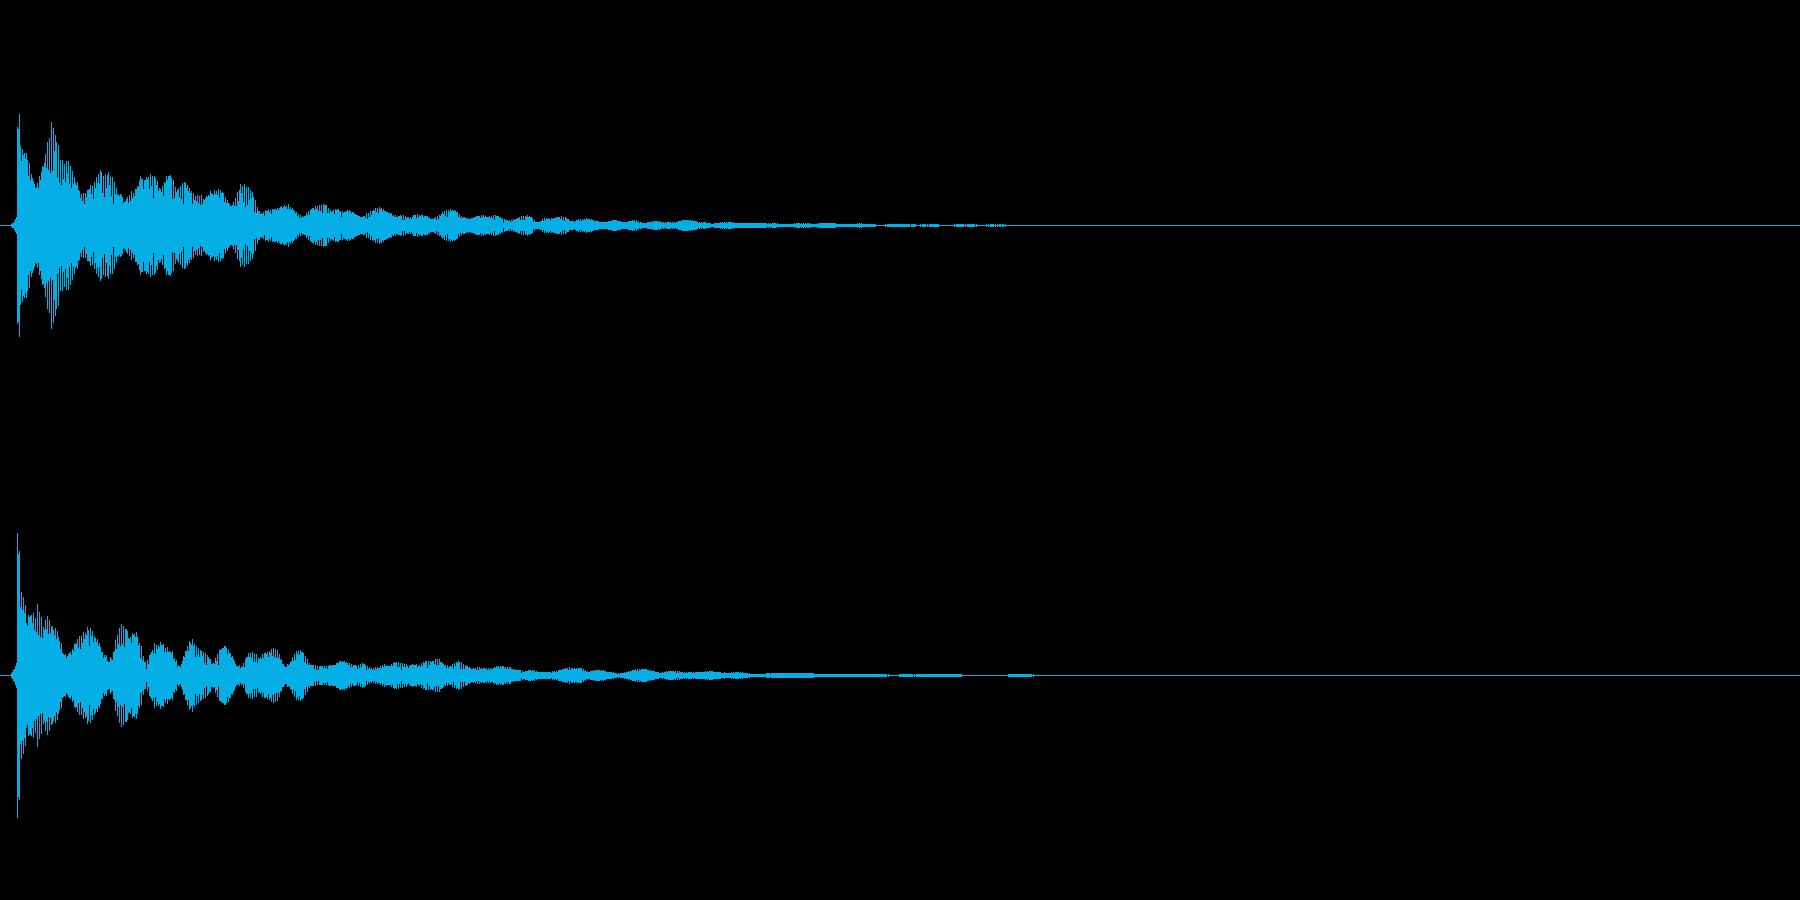 キラキラ系_091の再生済みの波形